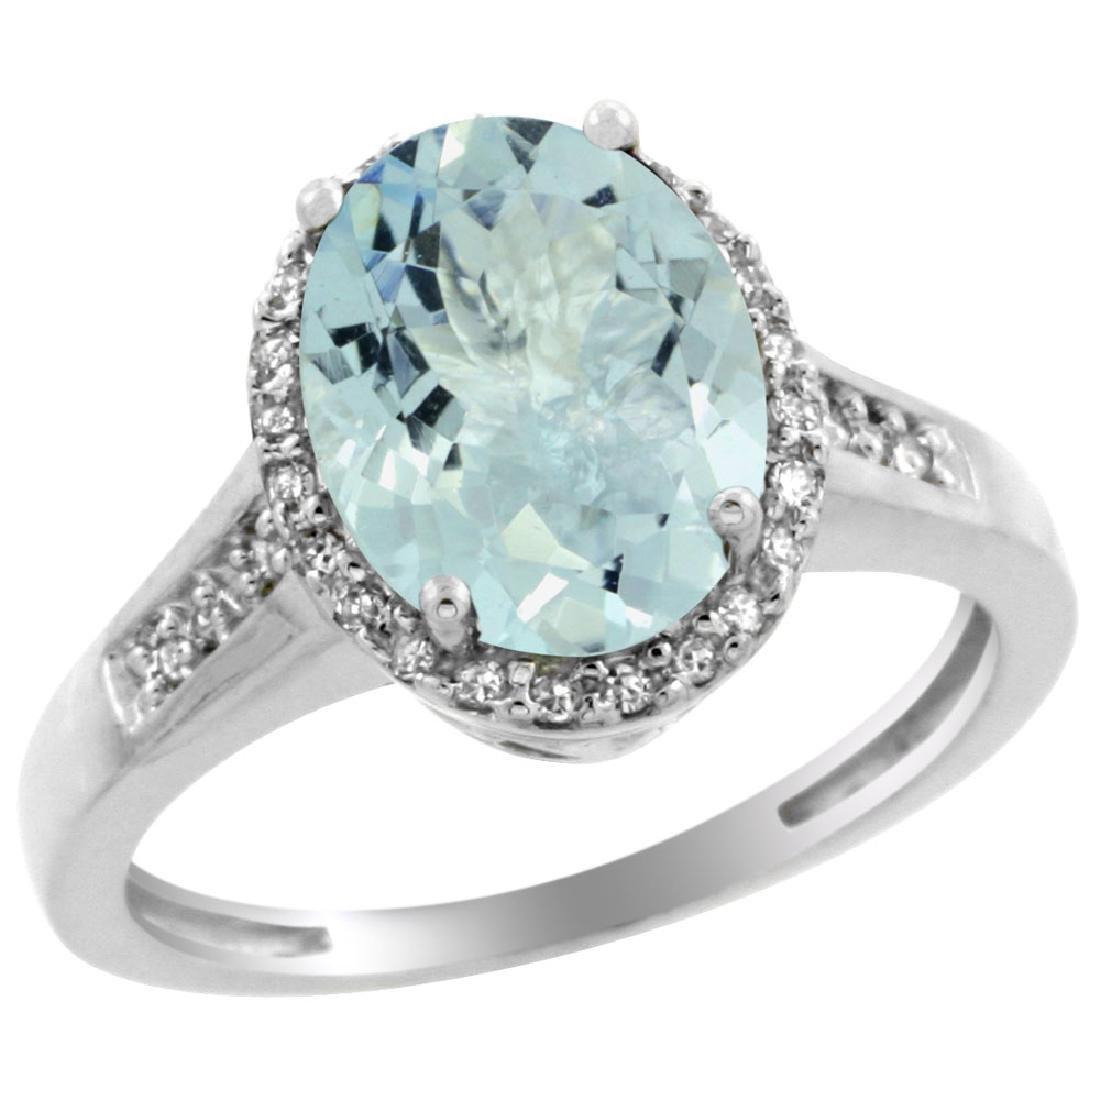 Natural 2.49 ctw Aquamarine & Diamond Engagement Ring